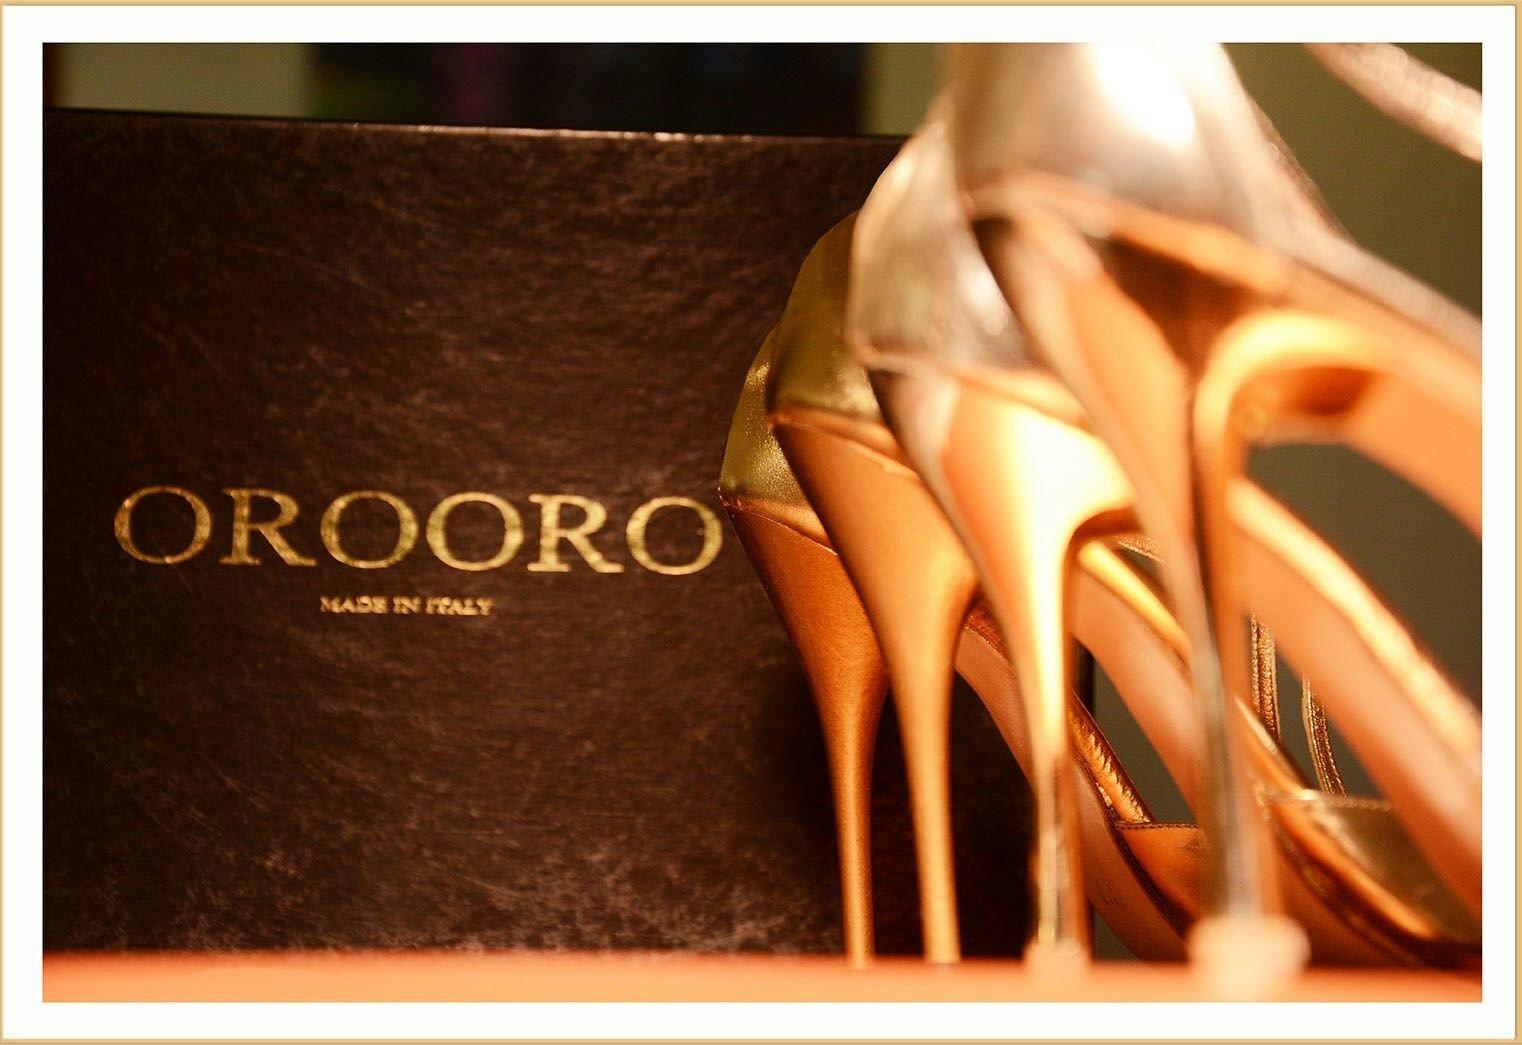 OROORO le calzature di lusso di Oronzo De Matteis ad Altaroma